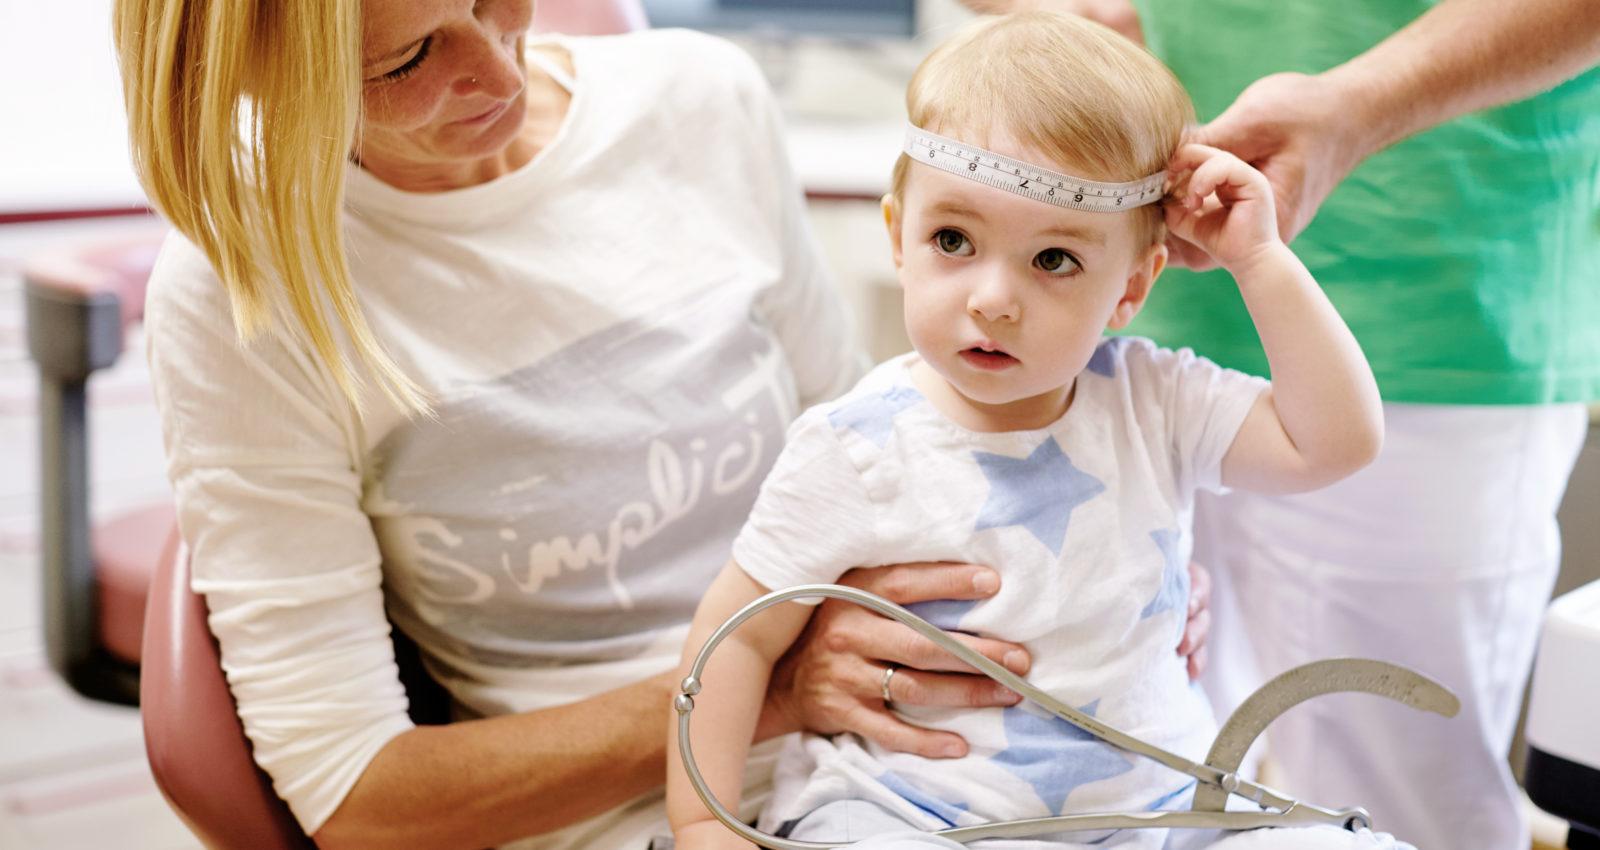 Kind-Behandlung-MKG-Muehhausen.jpg